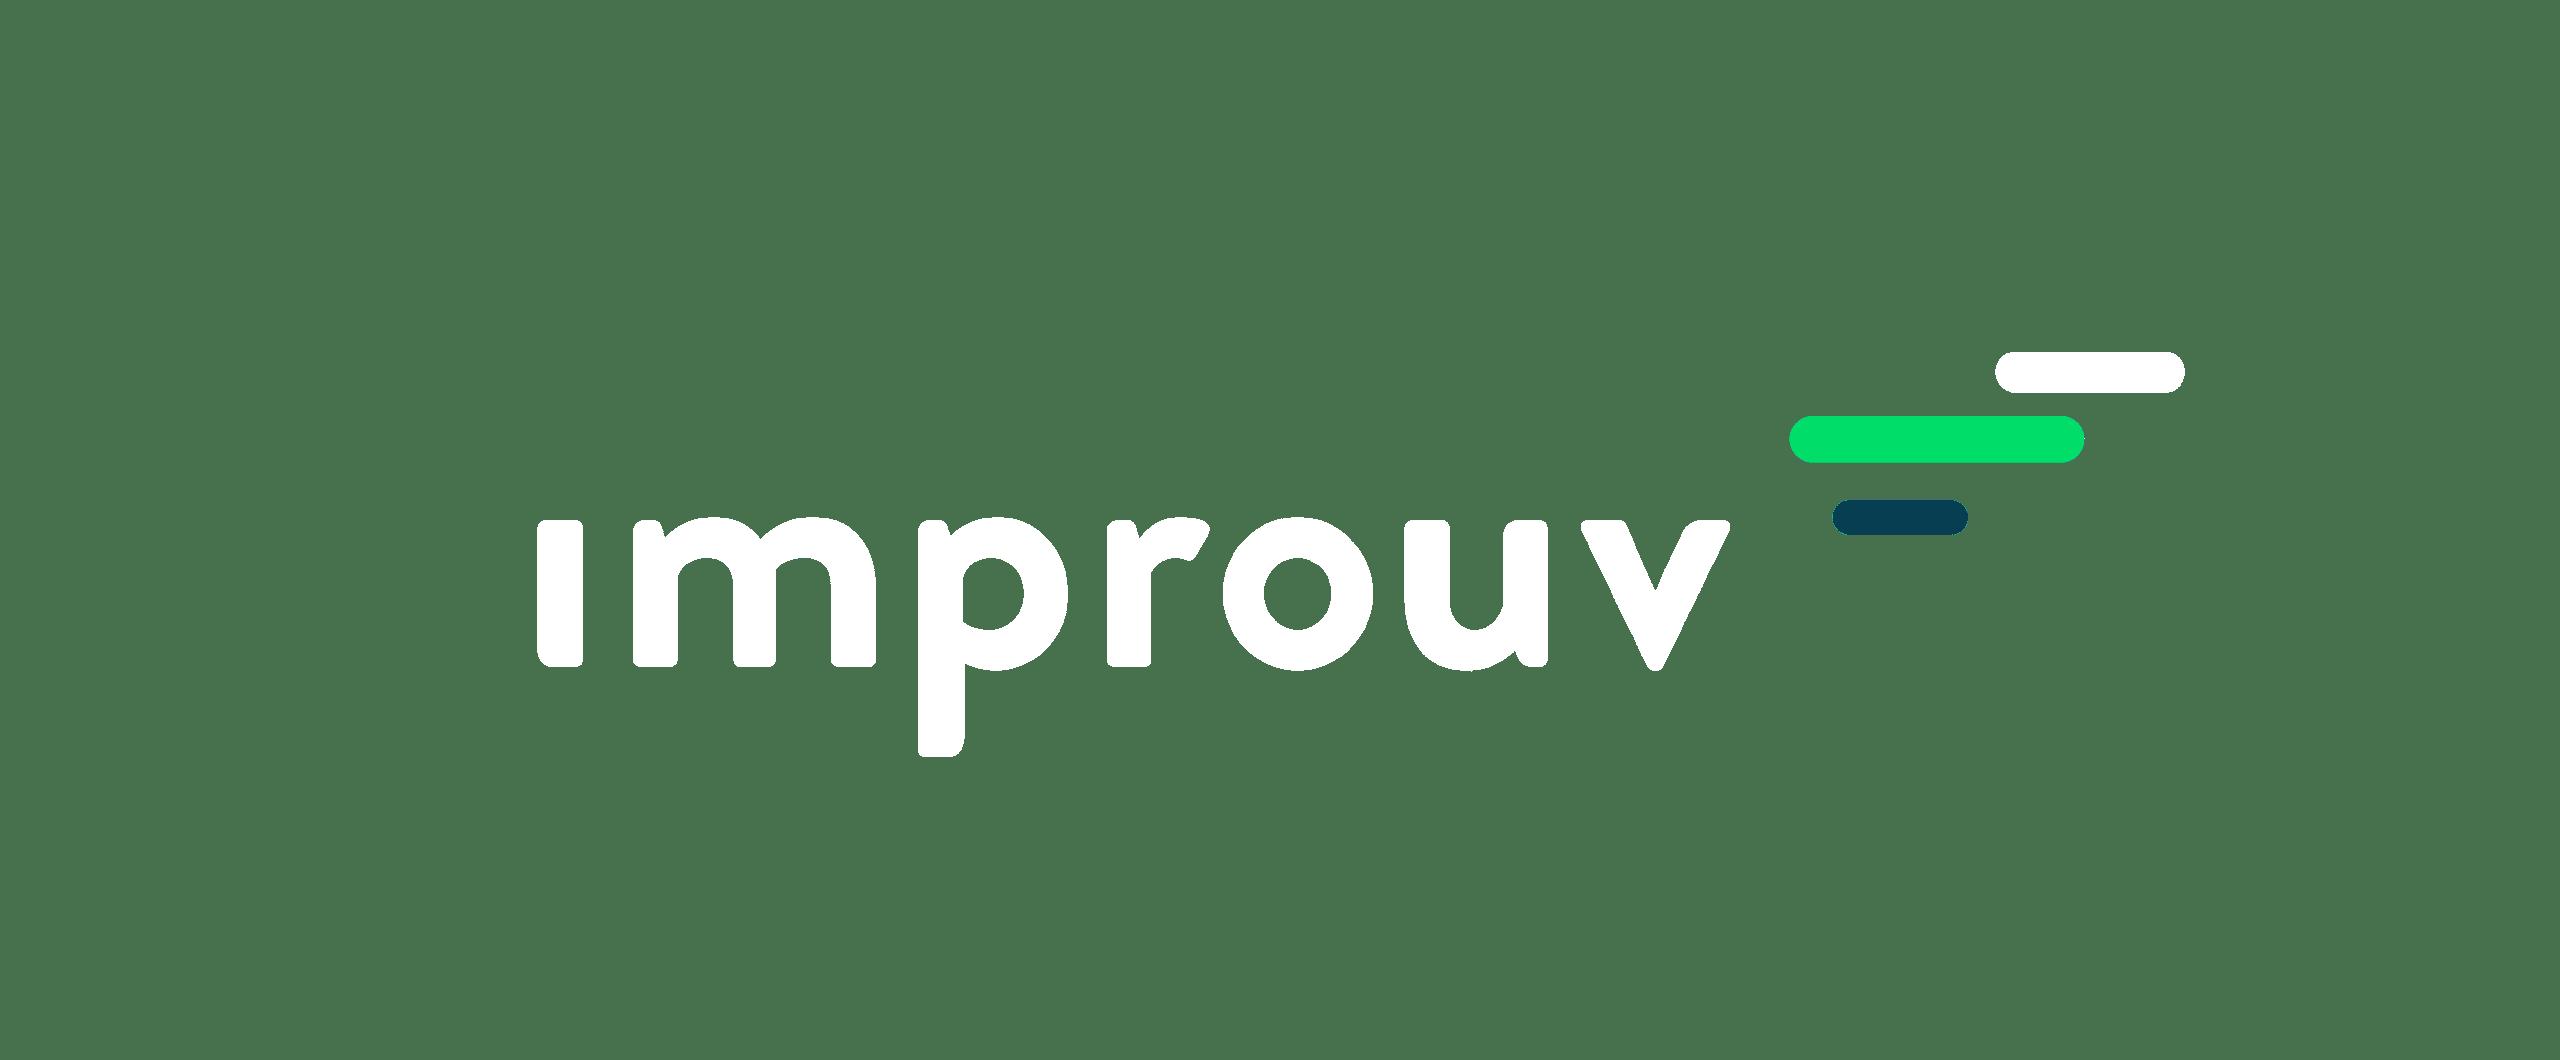 Logo improuv